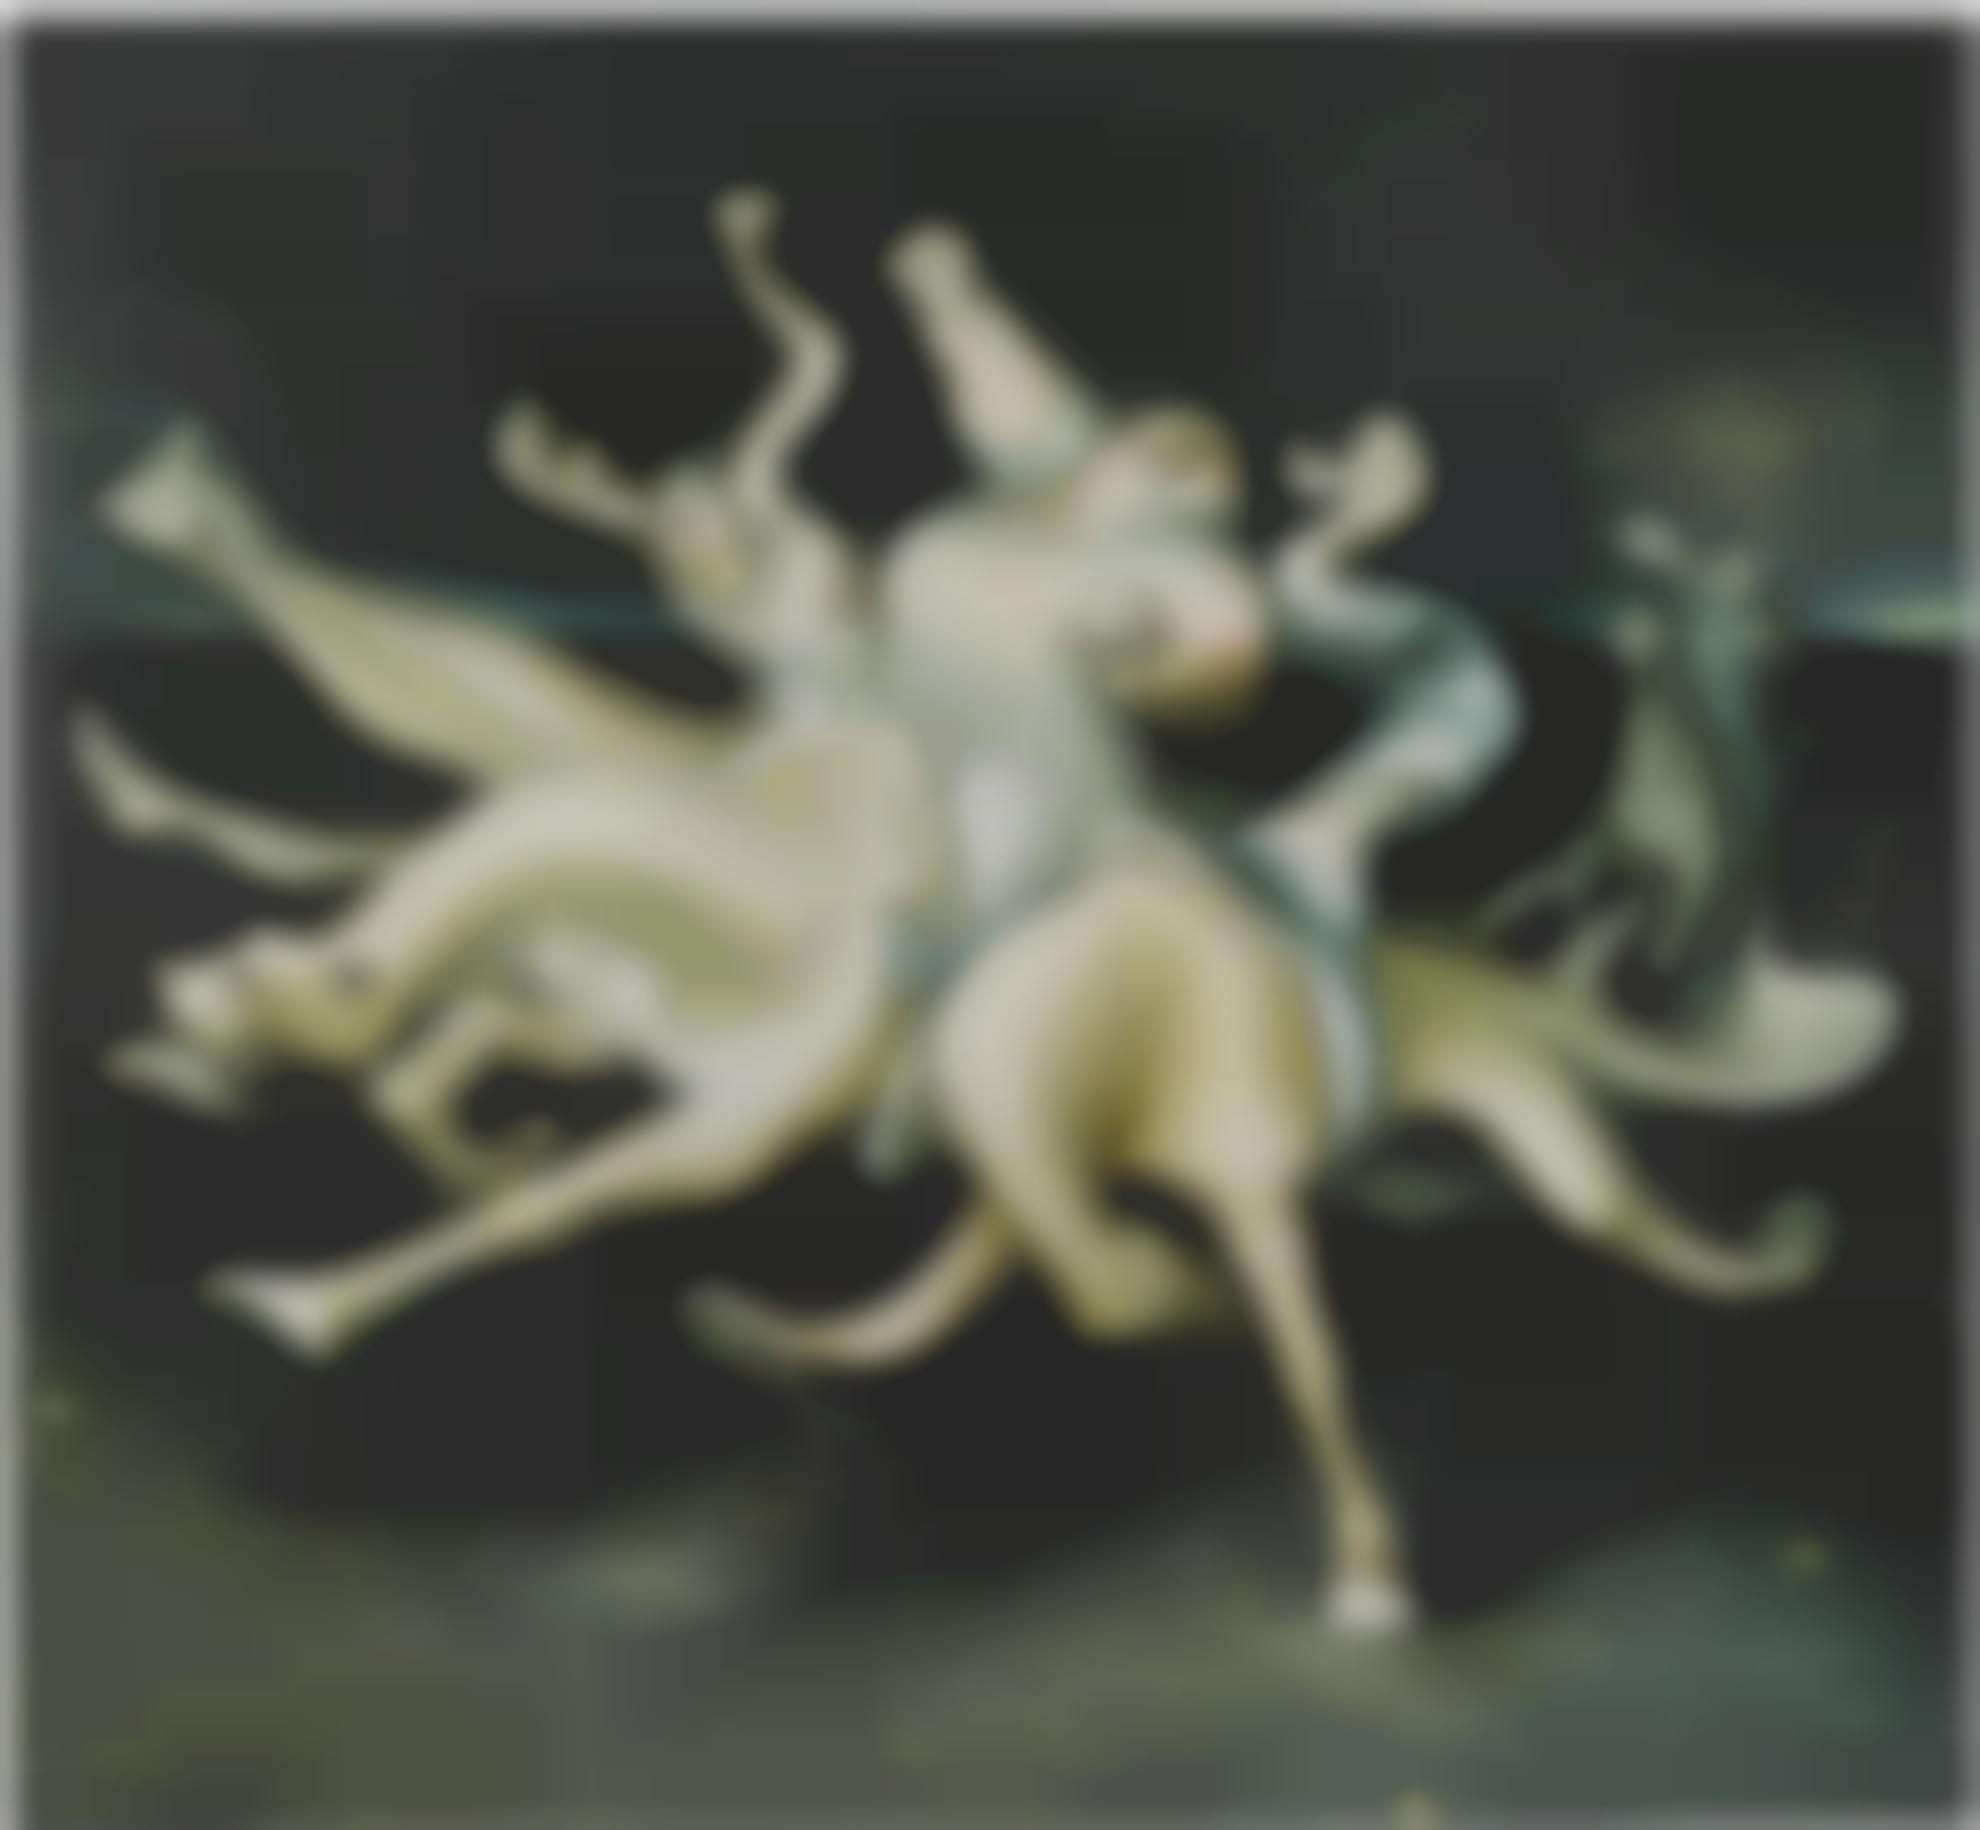 Inka Essenhigh-Bullies-2005